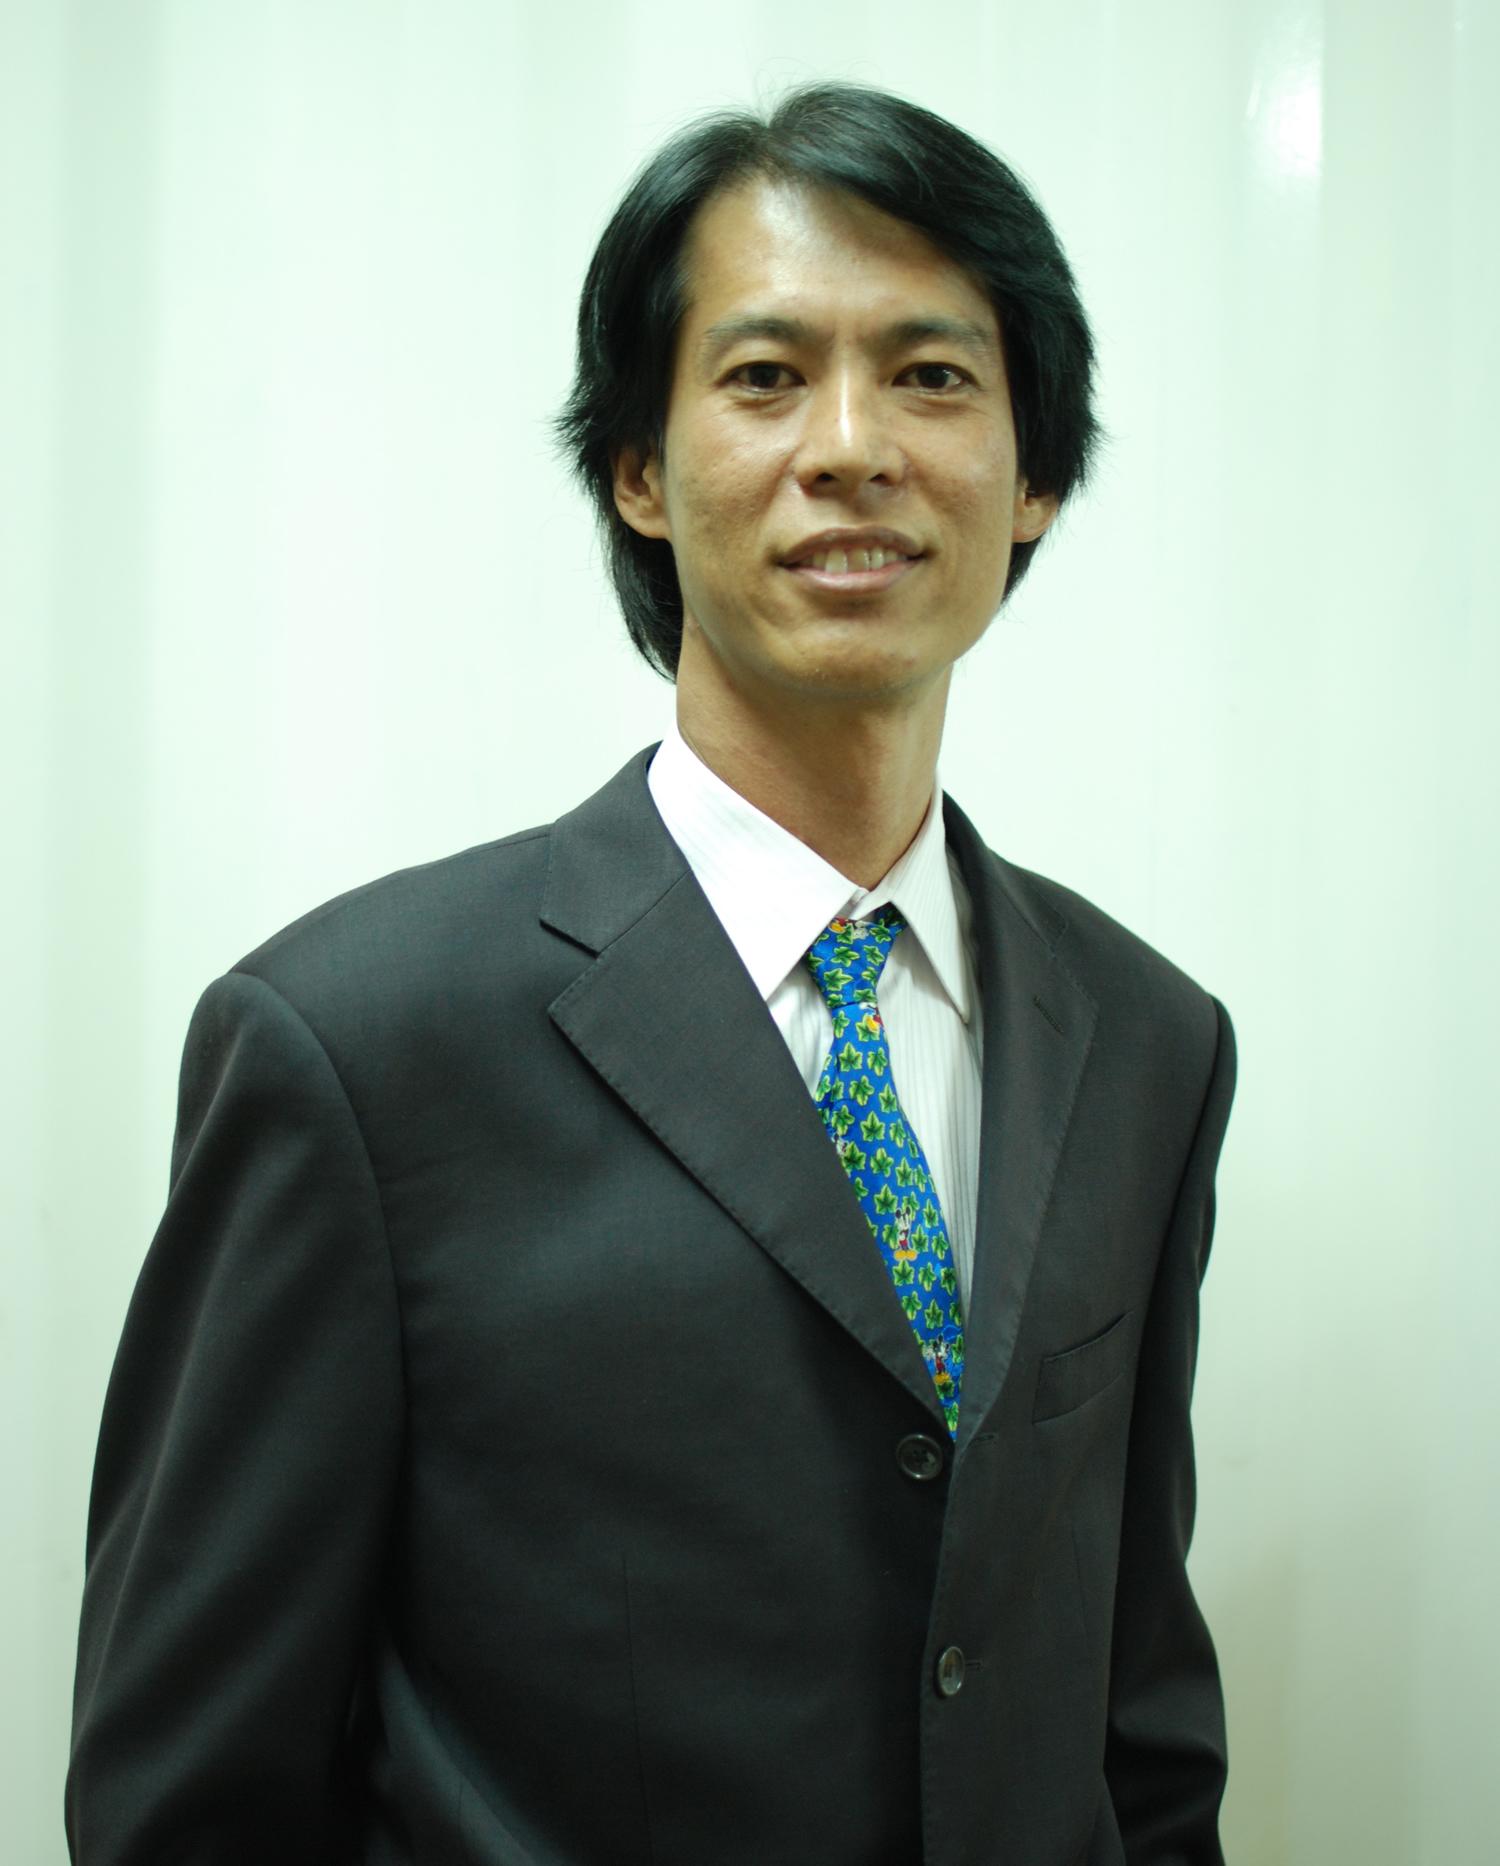 KB Lim